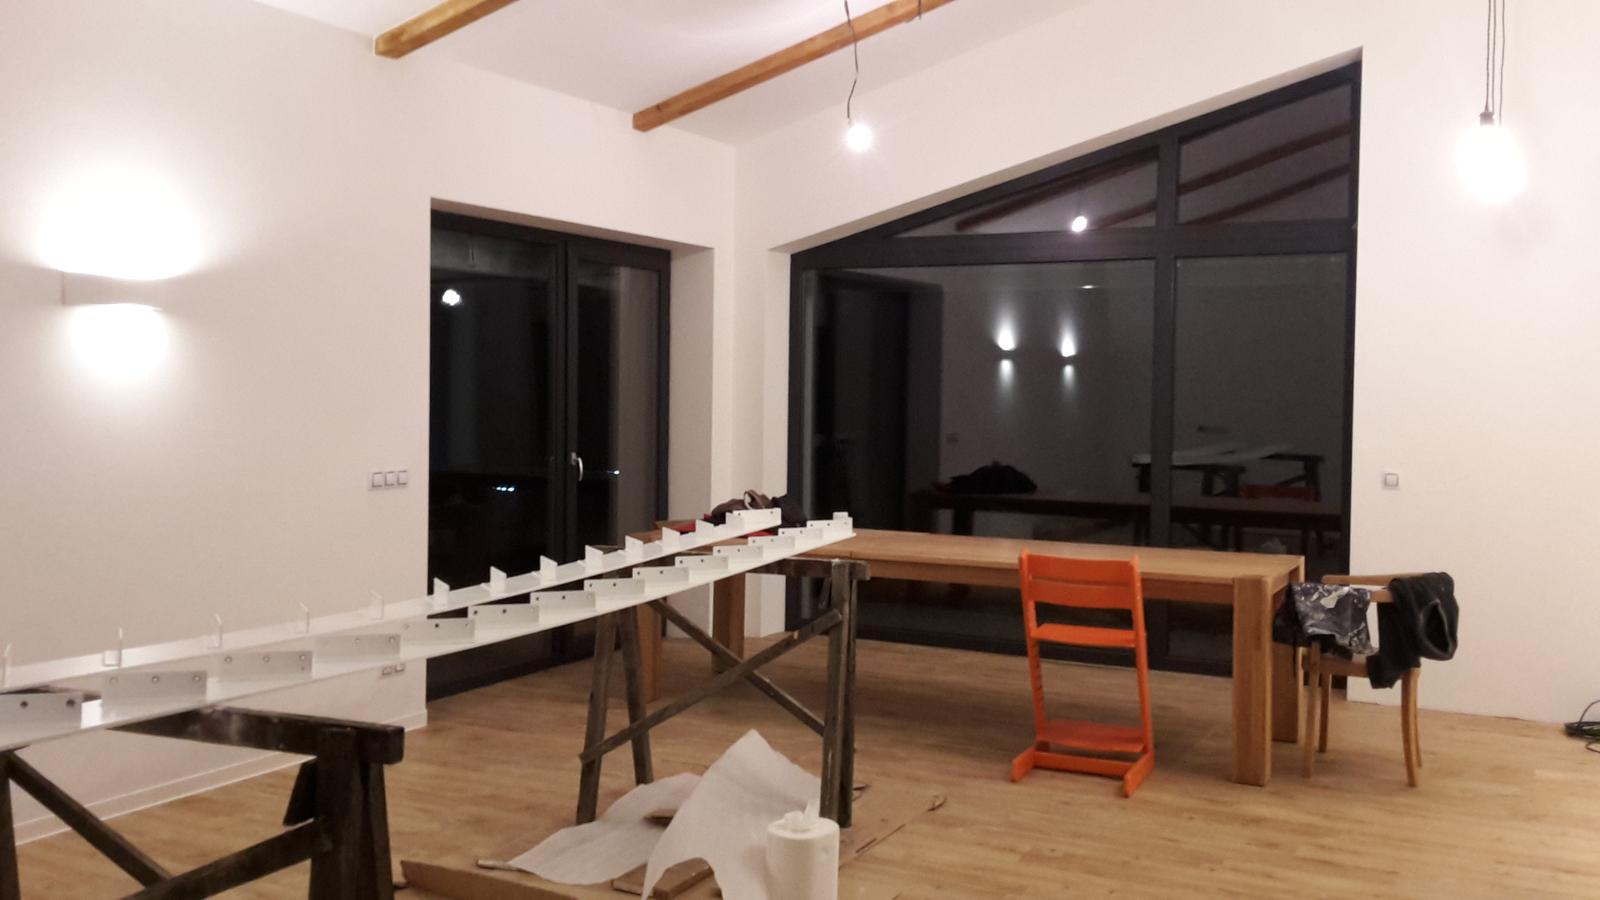 Domeček - březen - podlahy položené, světla  svítí, ještě chybí vybrat světlo nad jídelní stůl, ale to bude asi běh na dlouhou trať...